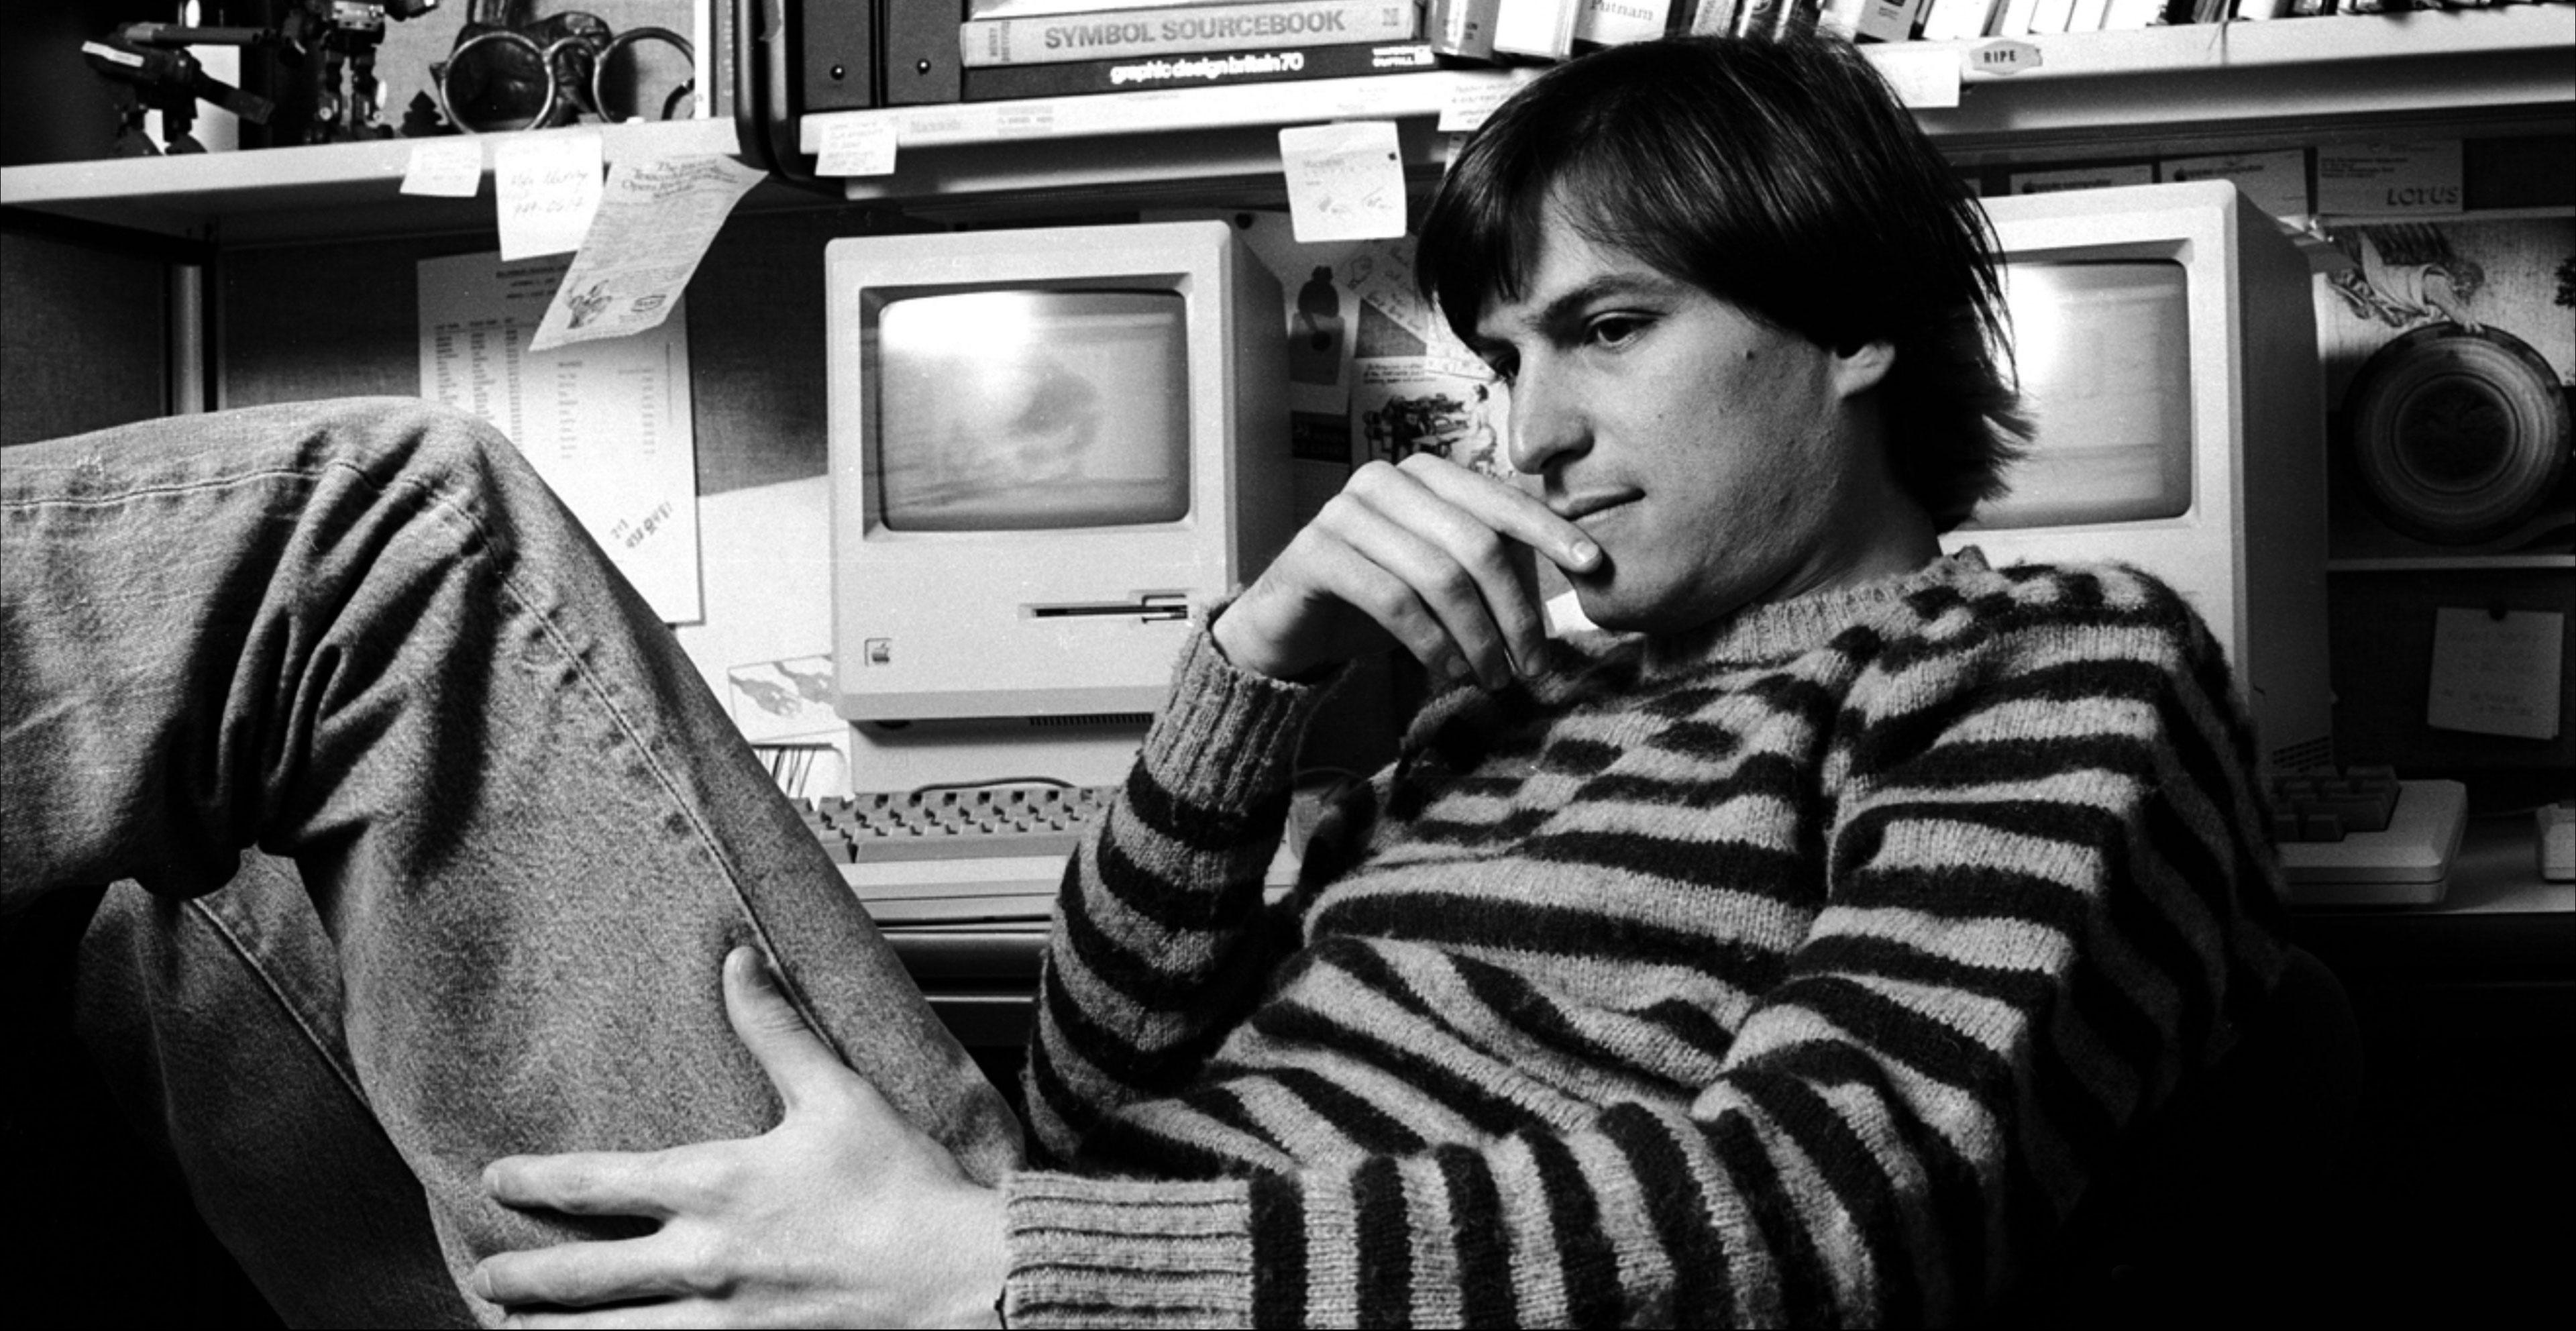 استیو جابز - کارآفرین، مخترع، بنیانگذار و مدیر ارشد اجرایی سابق اپل